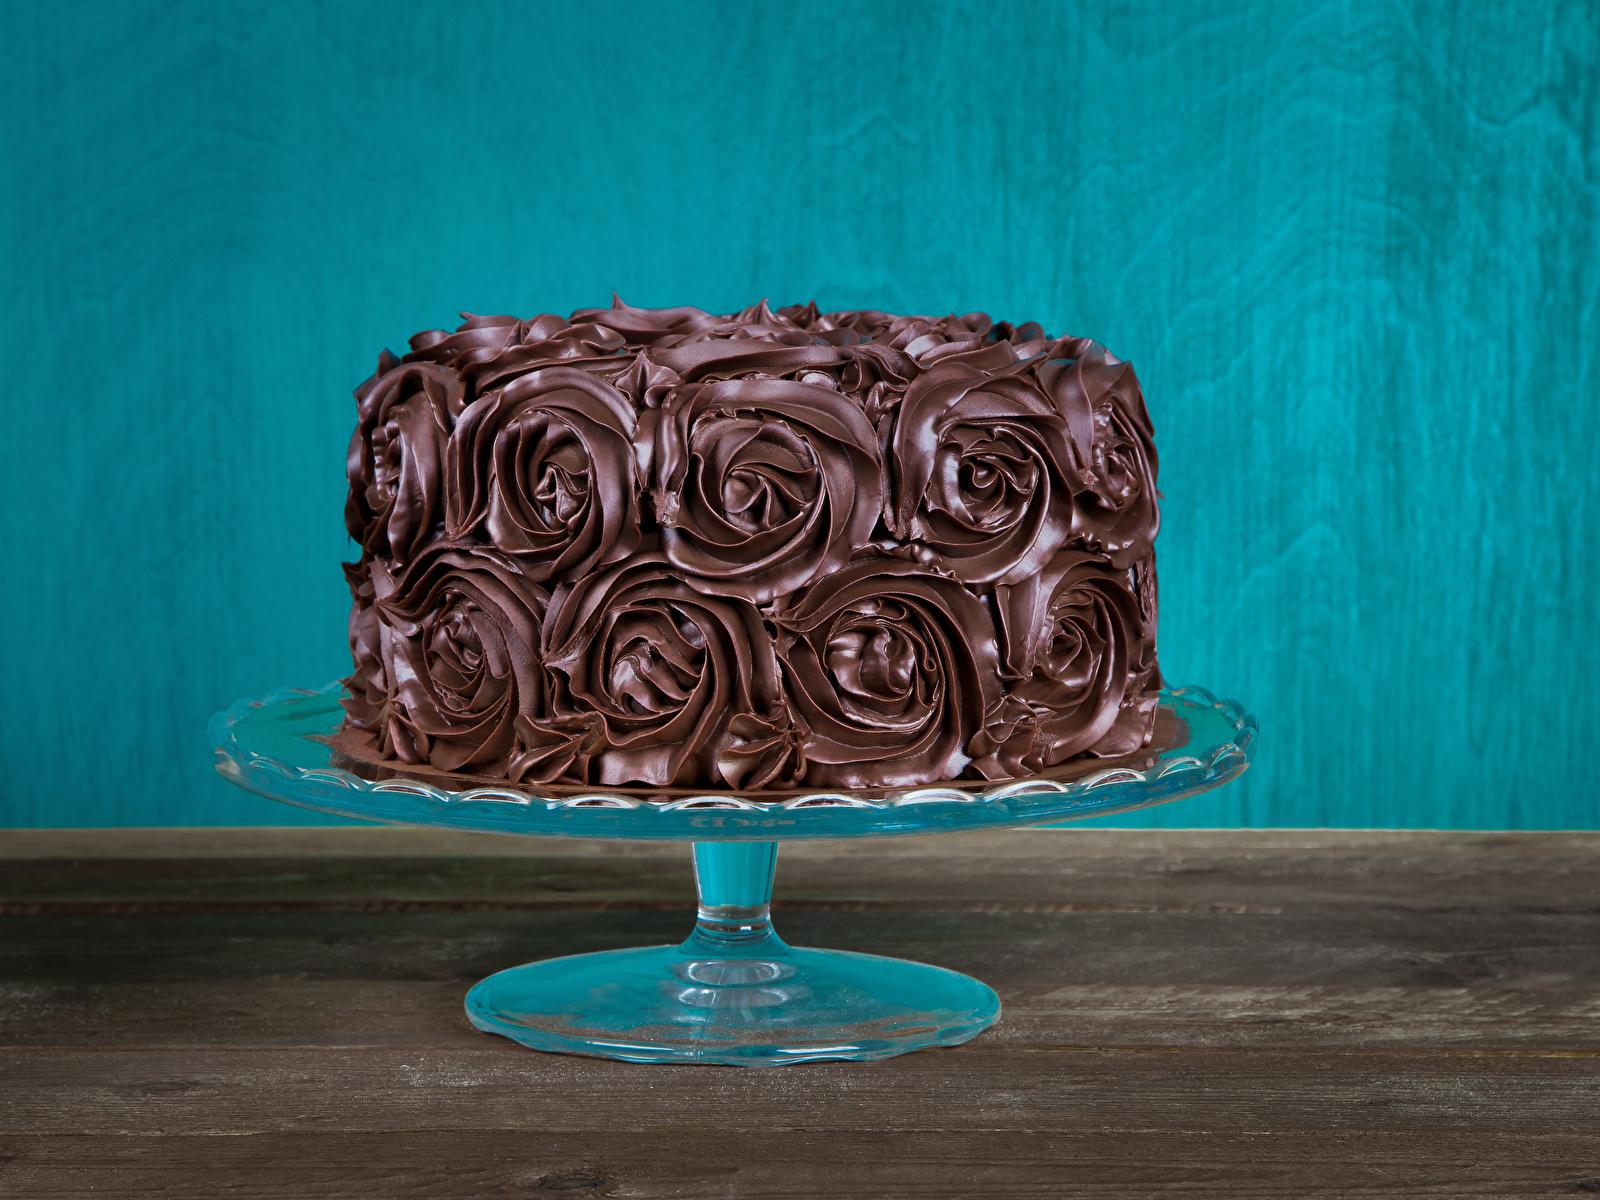 Fotos Schokolade Torte Lebensmittel Süßigkeiten Design 1600x1200 Süßware